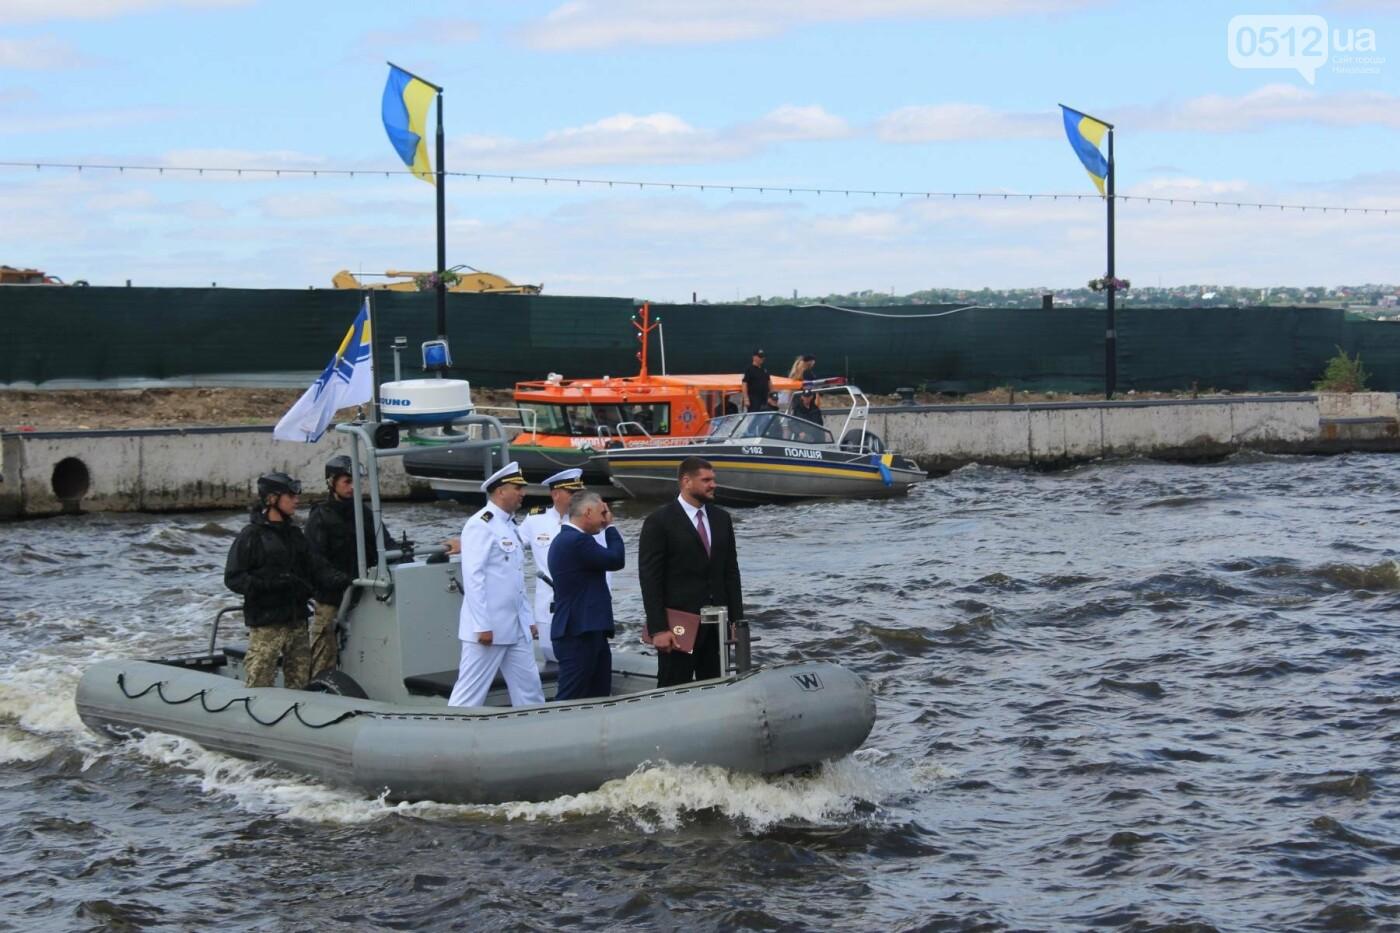 Полевая кухня, марш военных и выставка техники: как в Николаеве отмечали День ВМС Украины, фото-18